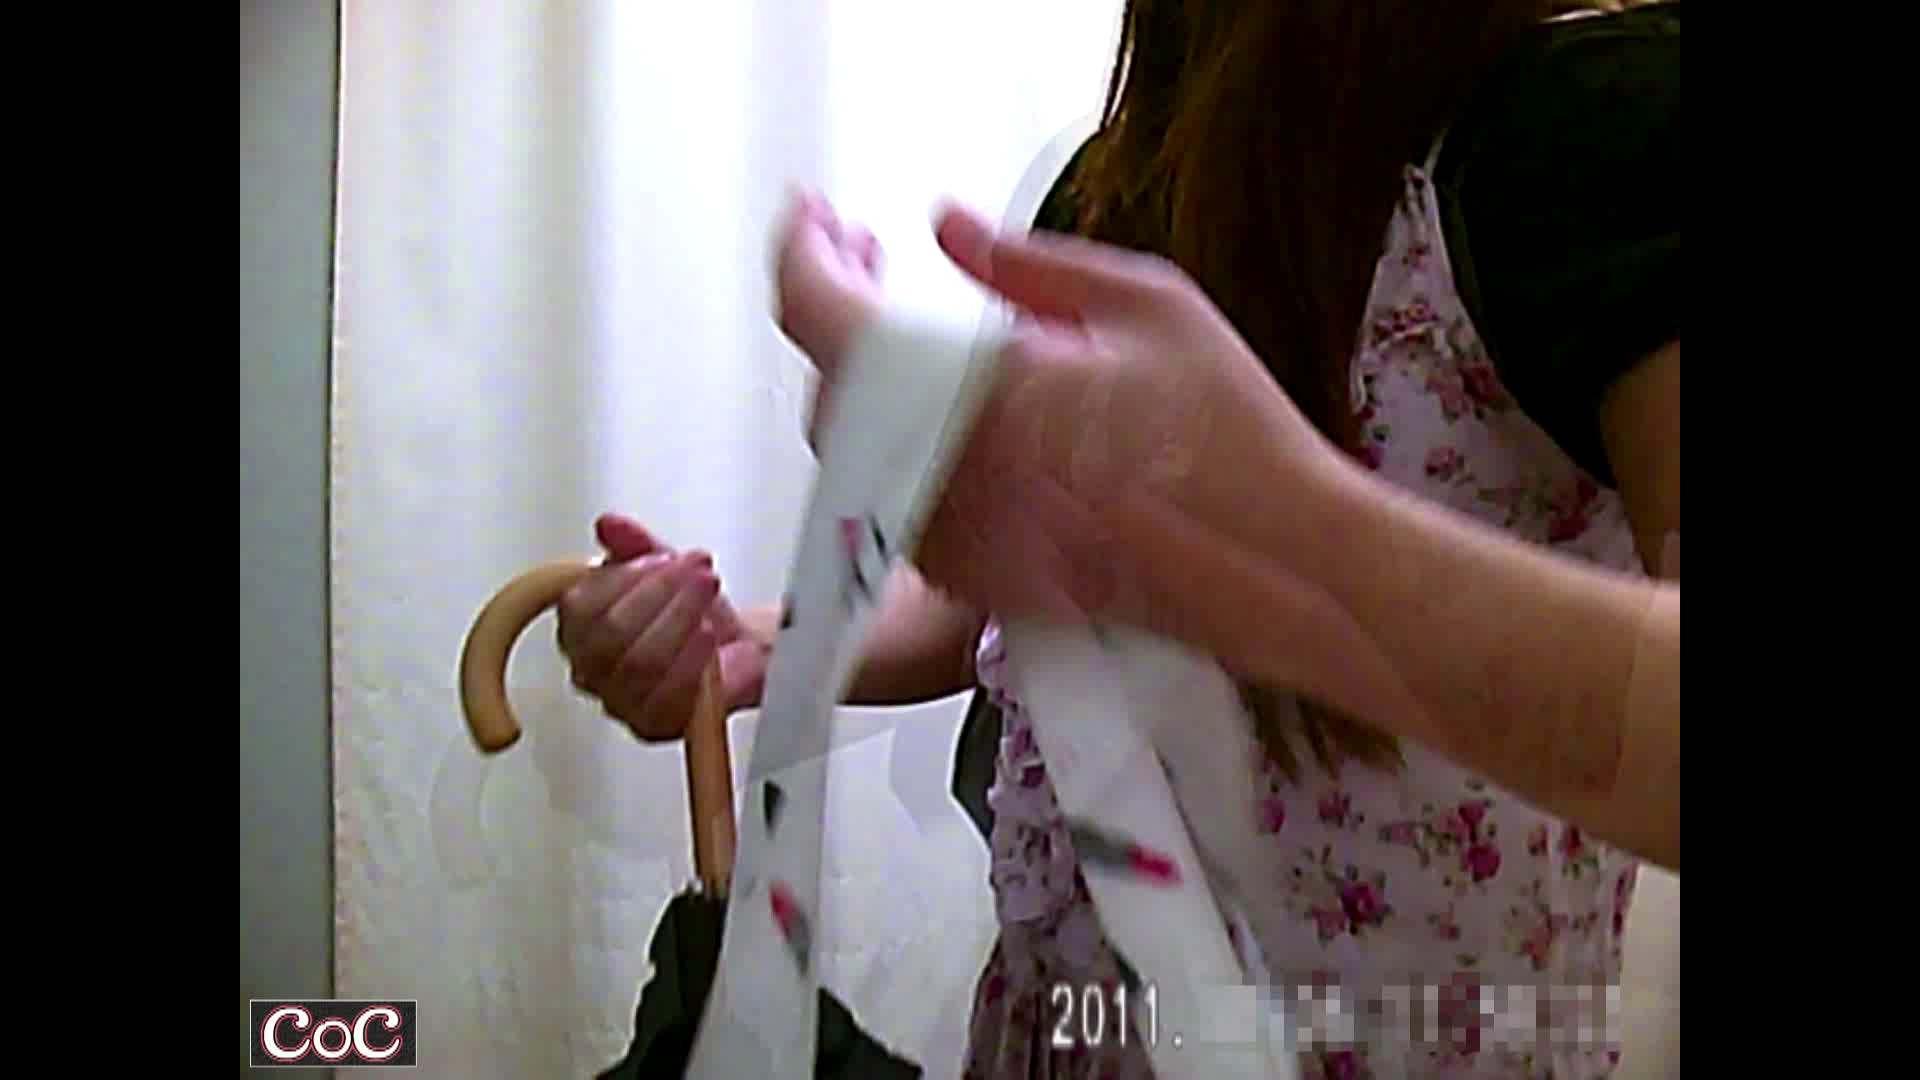 病院おもいっきり着替え! vol.12 おっぱい 盗み撮り動画 110pic 85